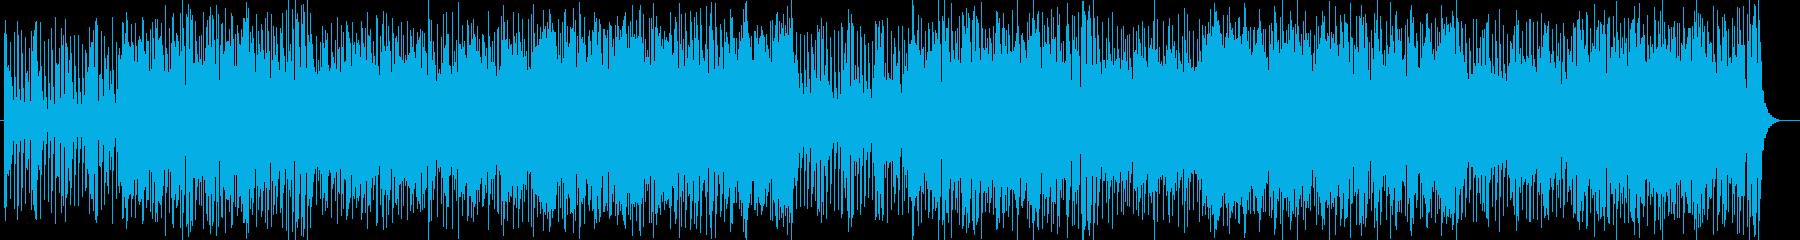 疾走感のあるシンセ・ドラム・ギターなどの再生済みの波形